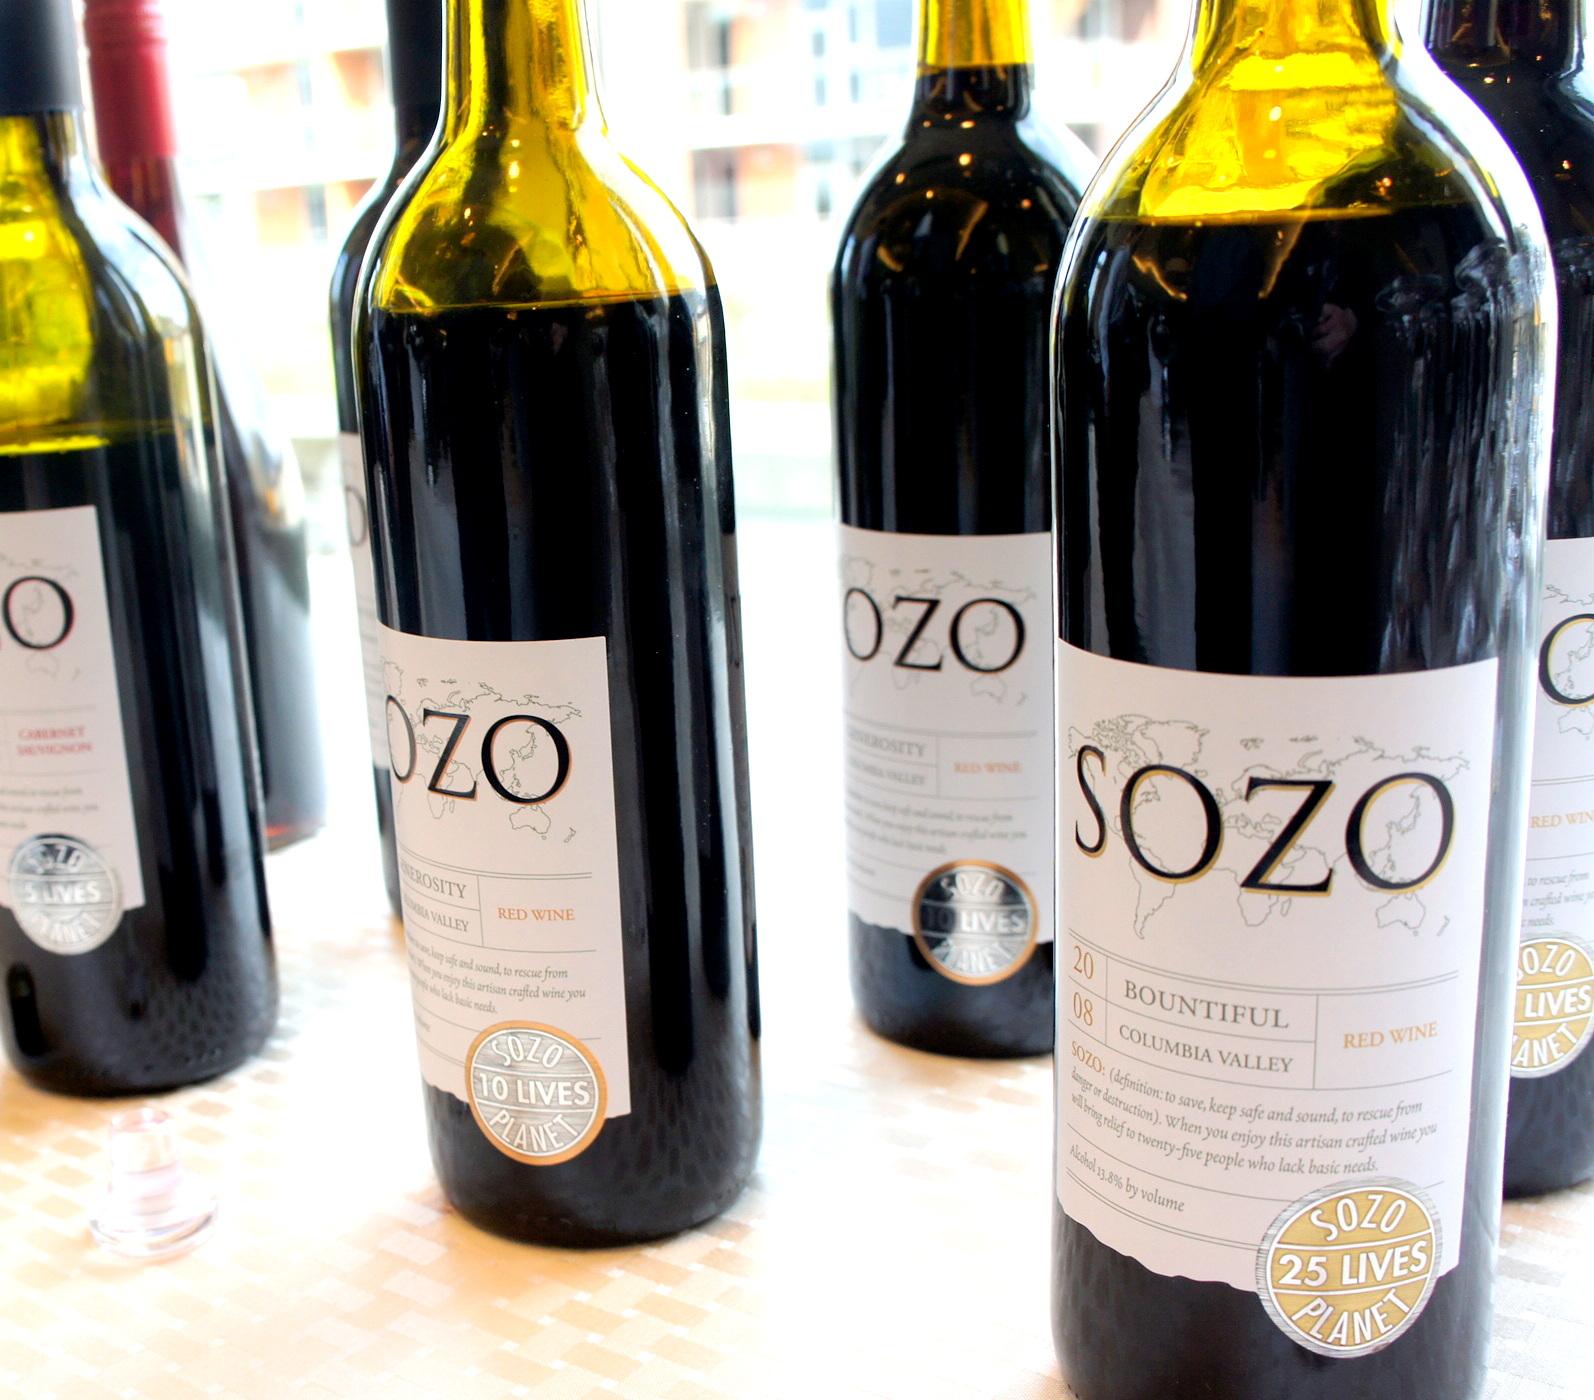 Sozo bottles